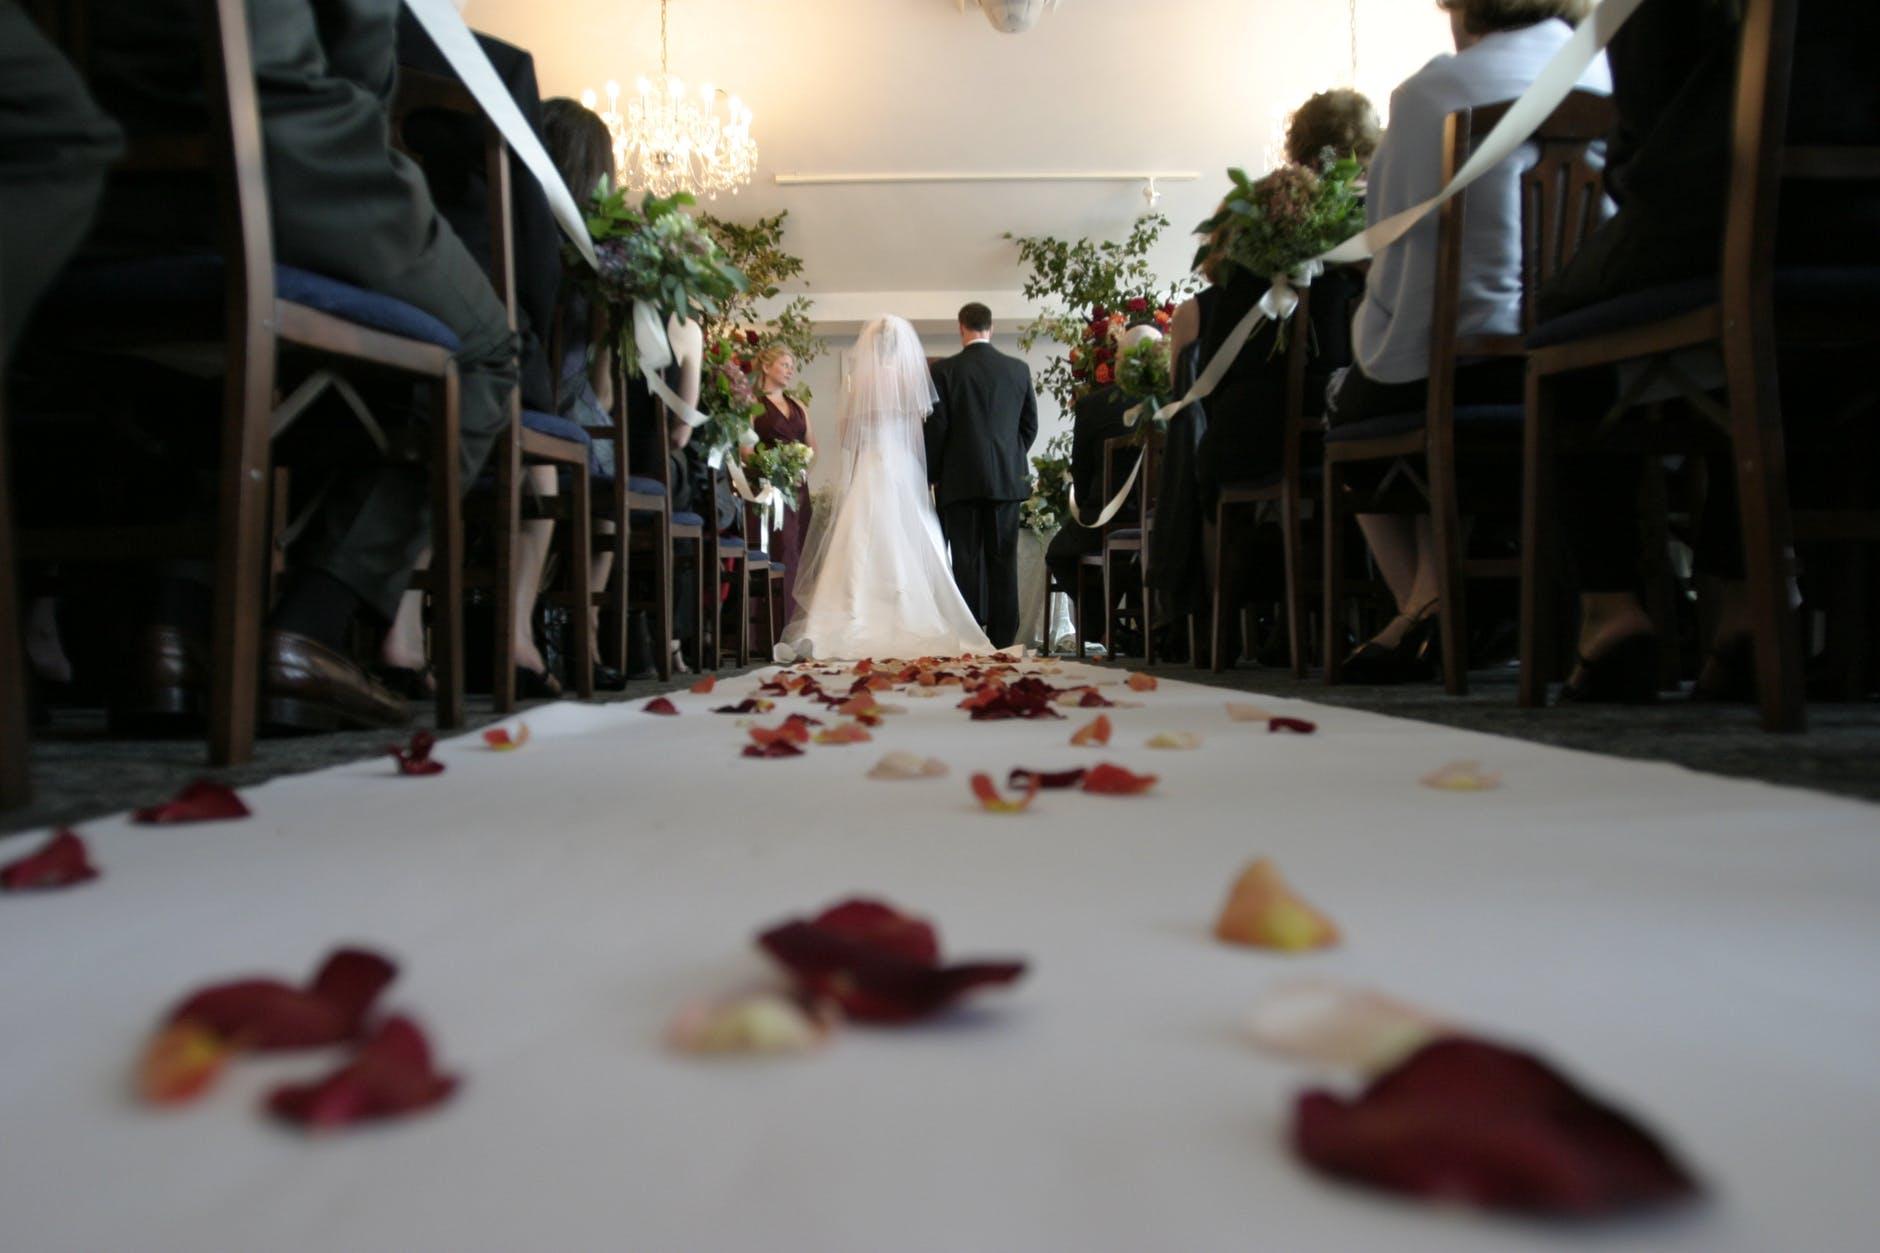 【結婚式ムービー】どのタイミングで流す?絶対失敗しない定番の流れを紹介!